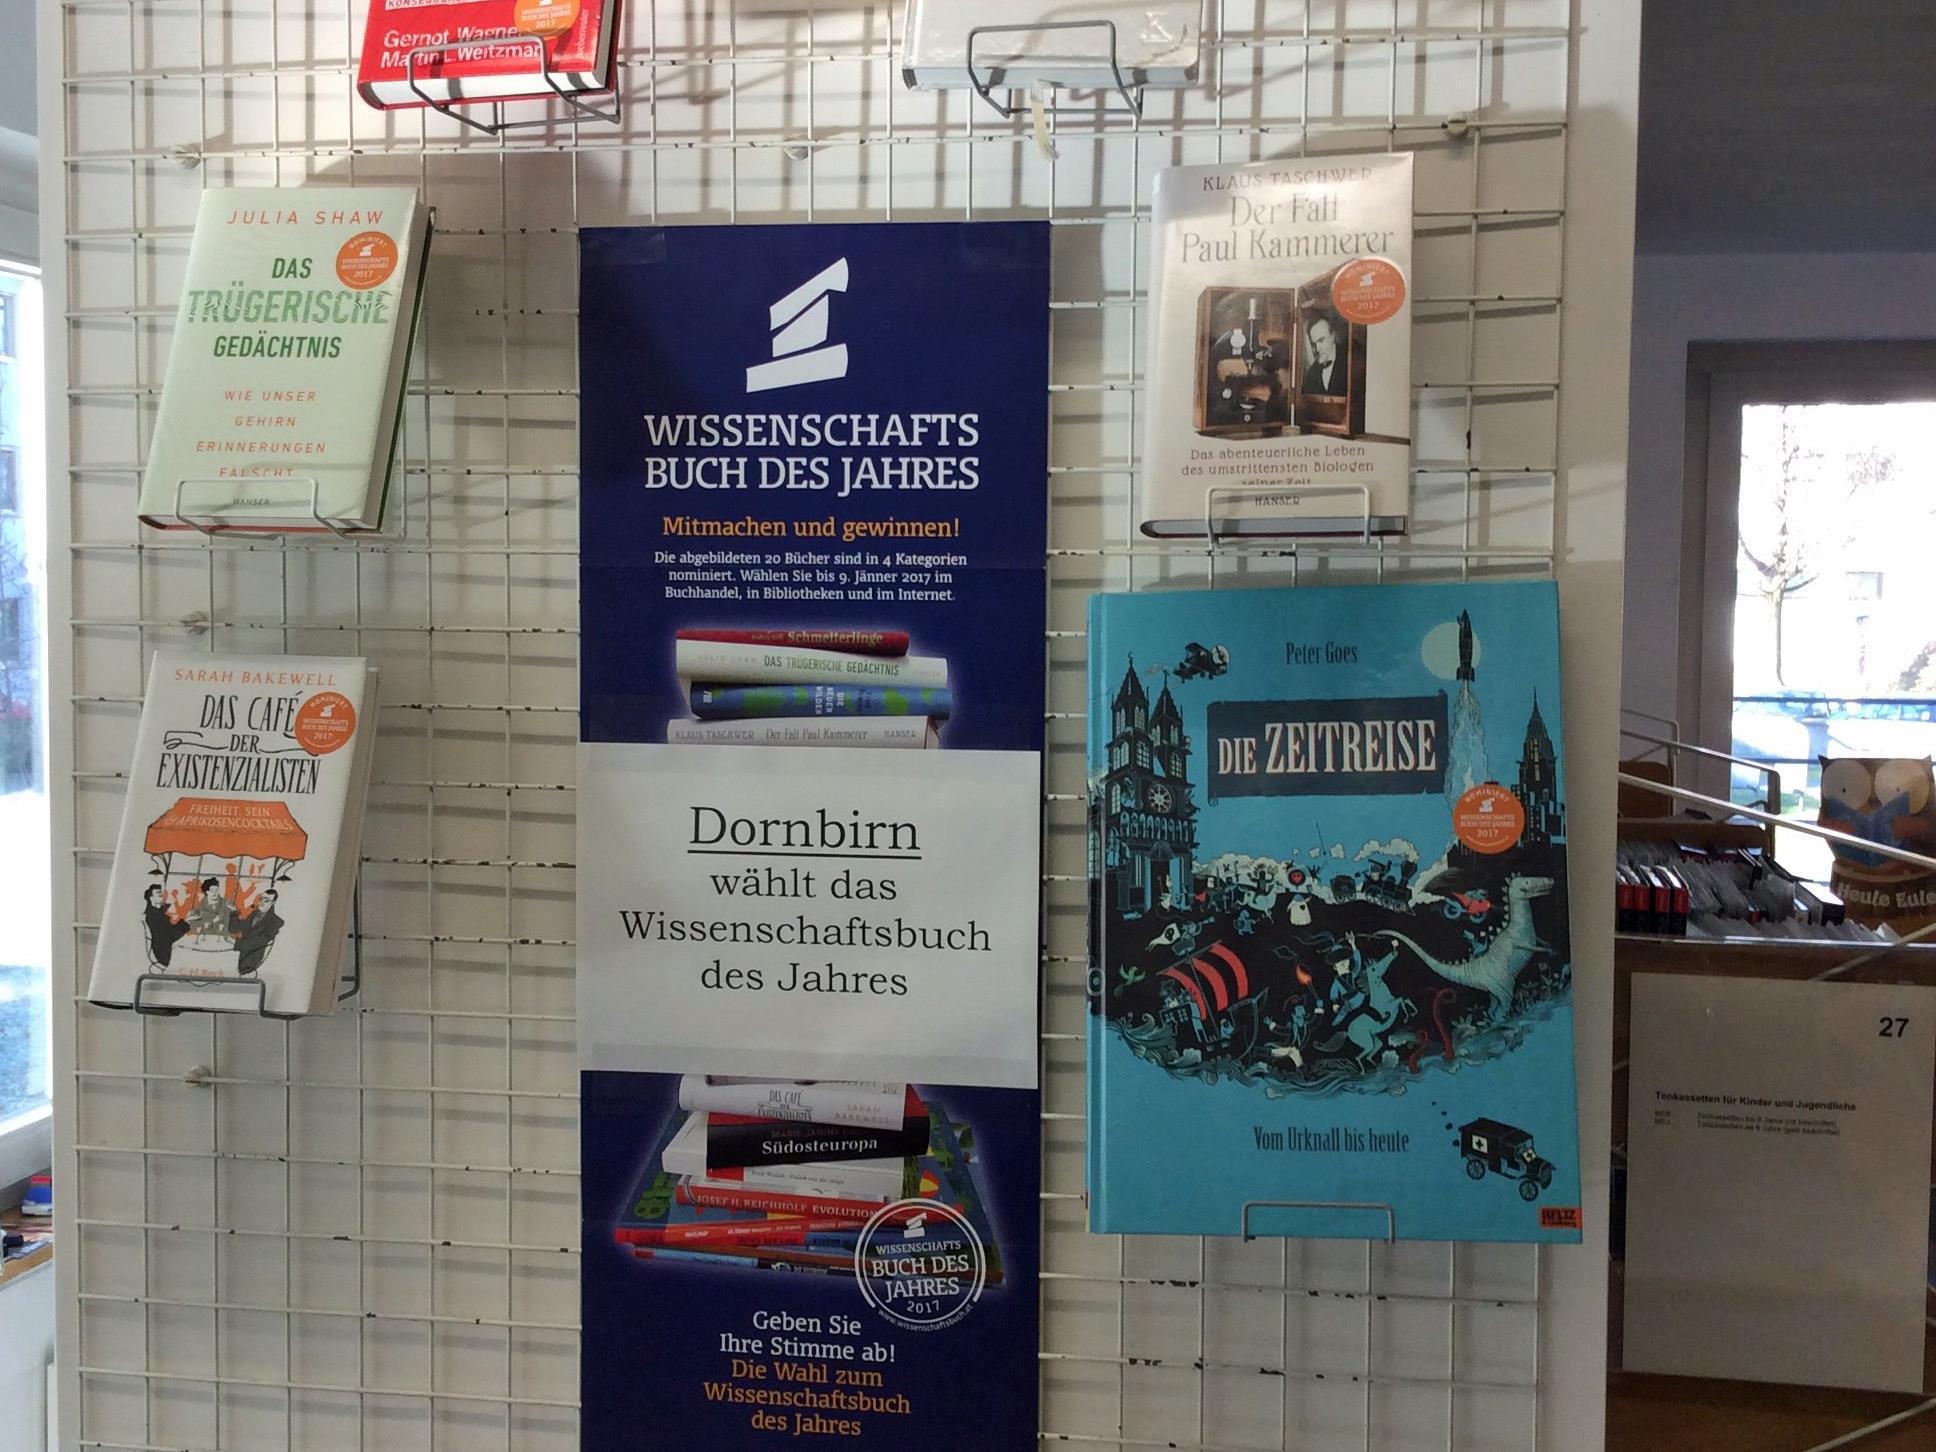 Die nominierten Bücher sowie die Möglichkeit zur Stimmabgabe gibt es in der Dornbirner Stadtbücherei.